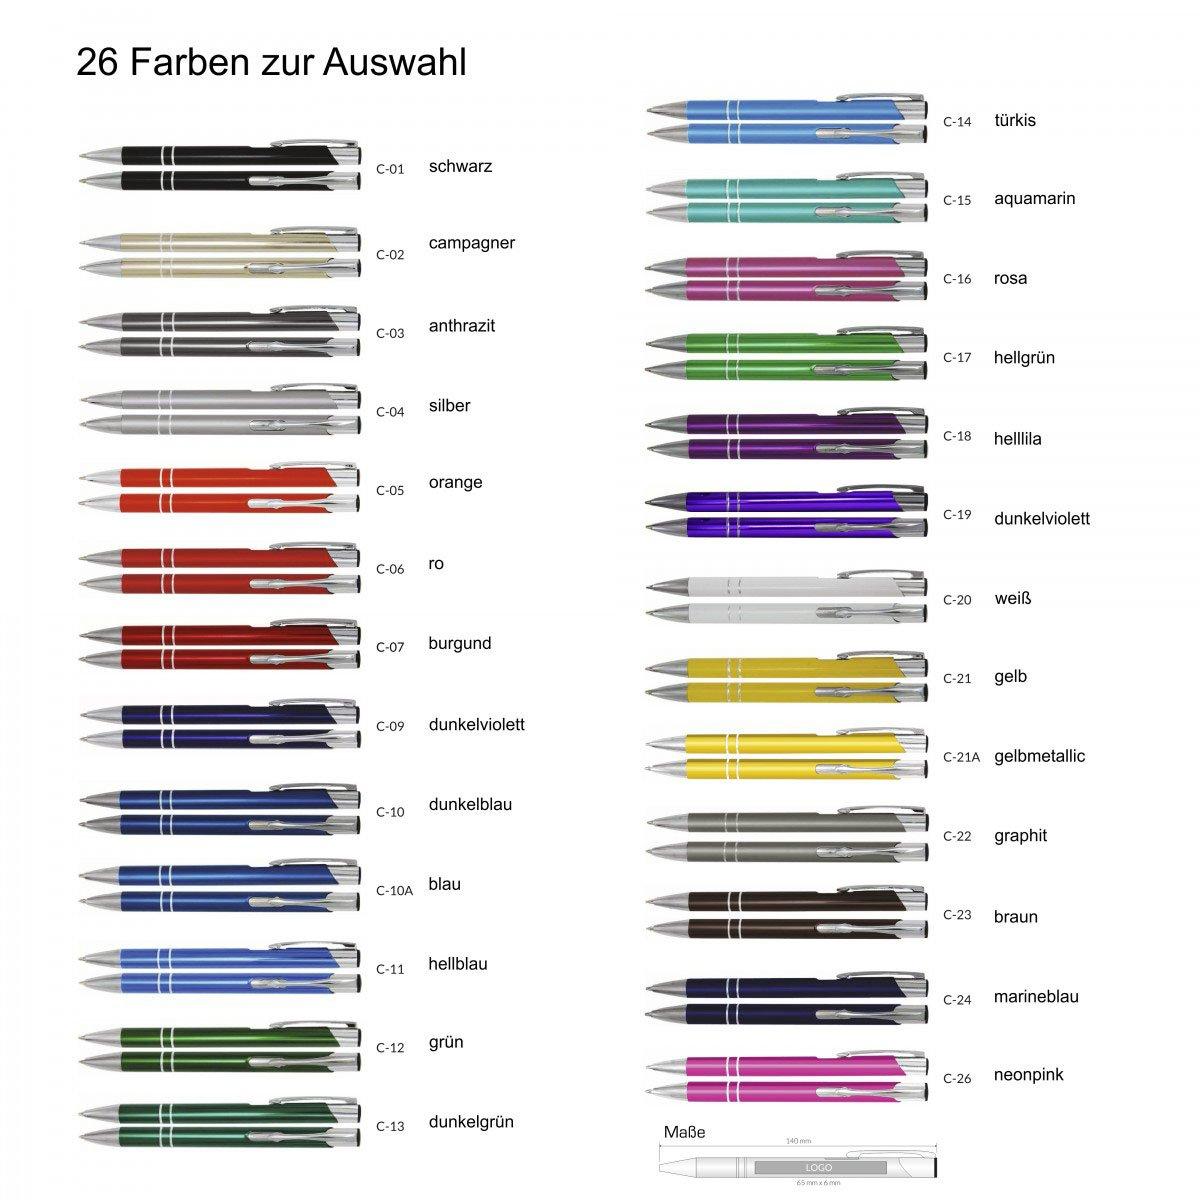 Creativgravur Aluminium Kugelschreiber Cosmo Lasergravur Sortenrein o Gravur 26 Farben Schl/üsselanh/änger Gemischt Einheitl Menge:25 St/ück